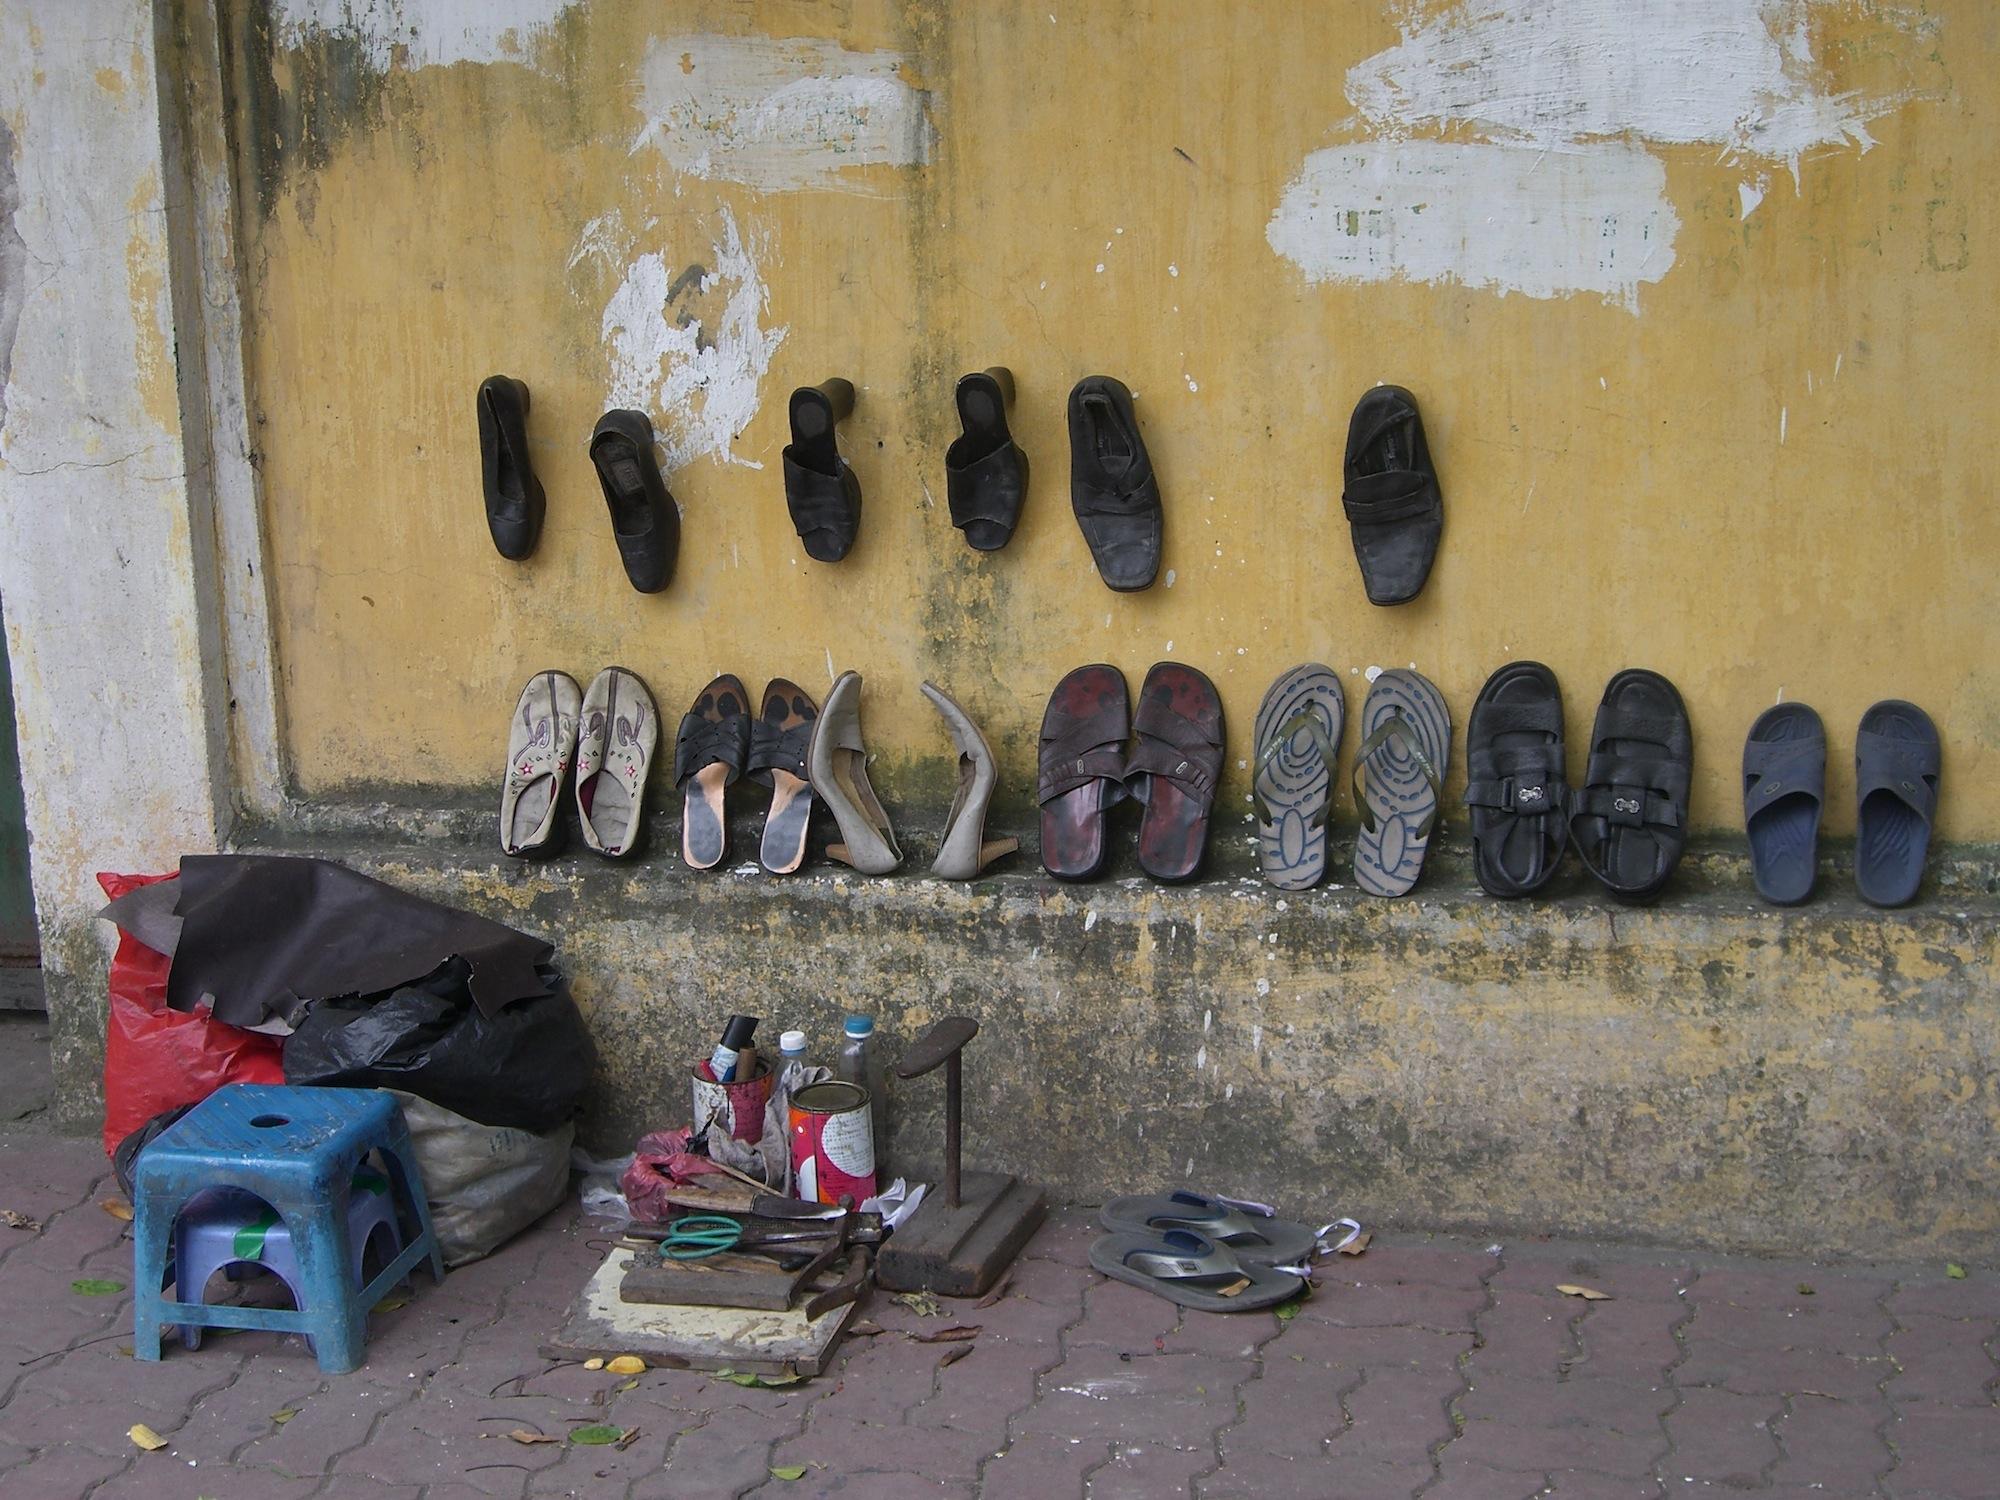 Mobiler Schuhmacher im Old Quarter von Hanoi